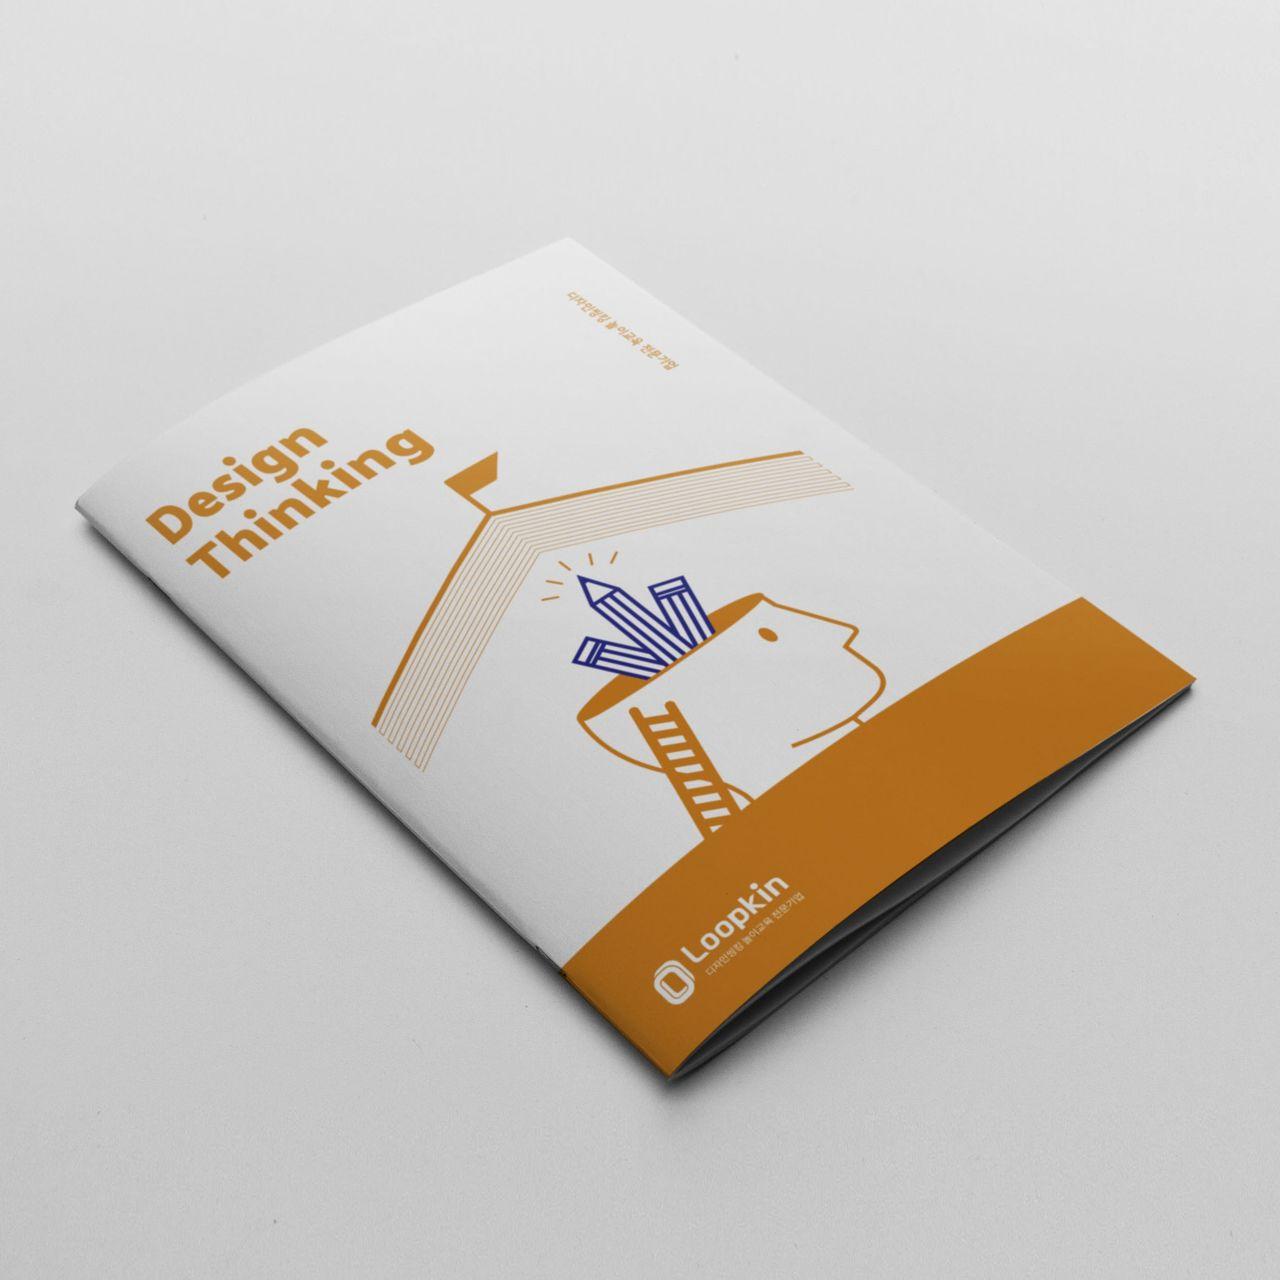 Design Thinking 디자인씽킹 놀이교육 전문기업 브로슈어 디자인 시안 - 룹킨